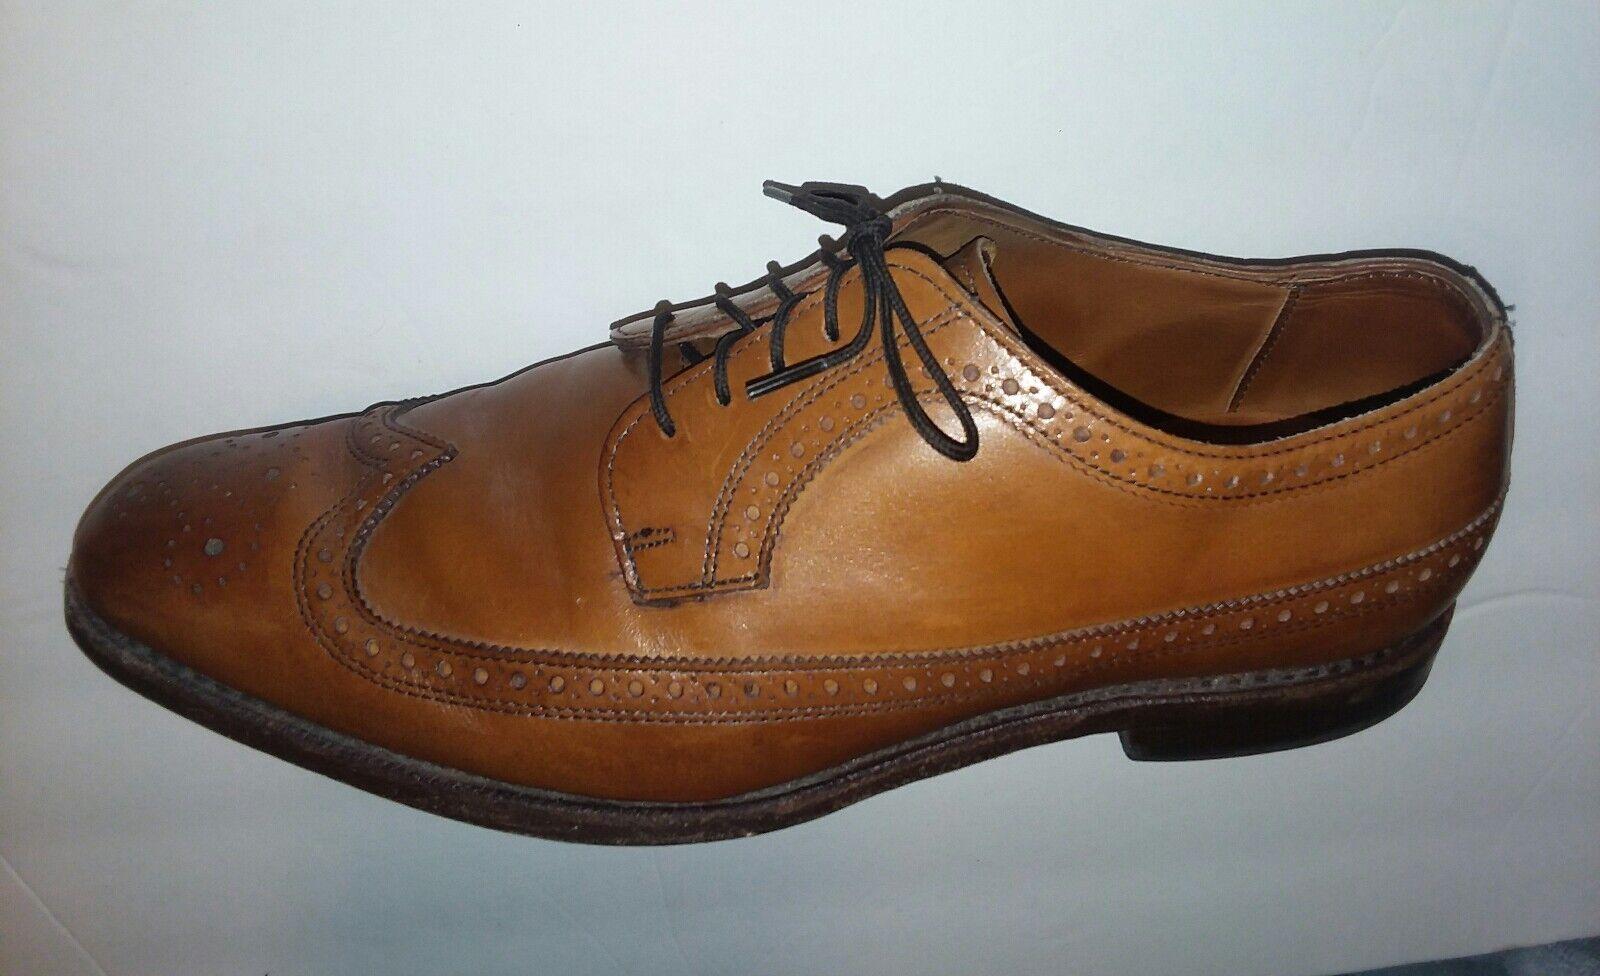 Allen Edmonds Leiden Bout D'Aile En Cuir Marron Homme Chaussures Oxford Taille 10.5 D